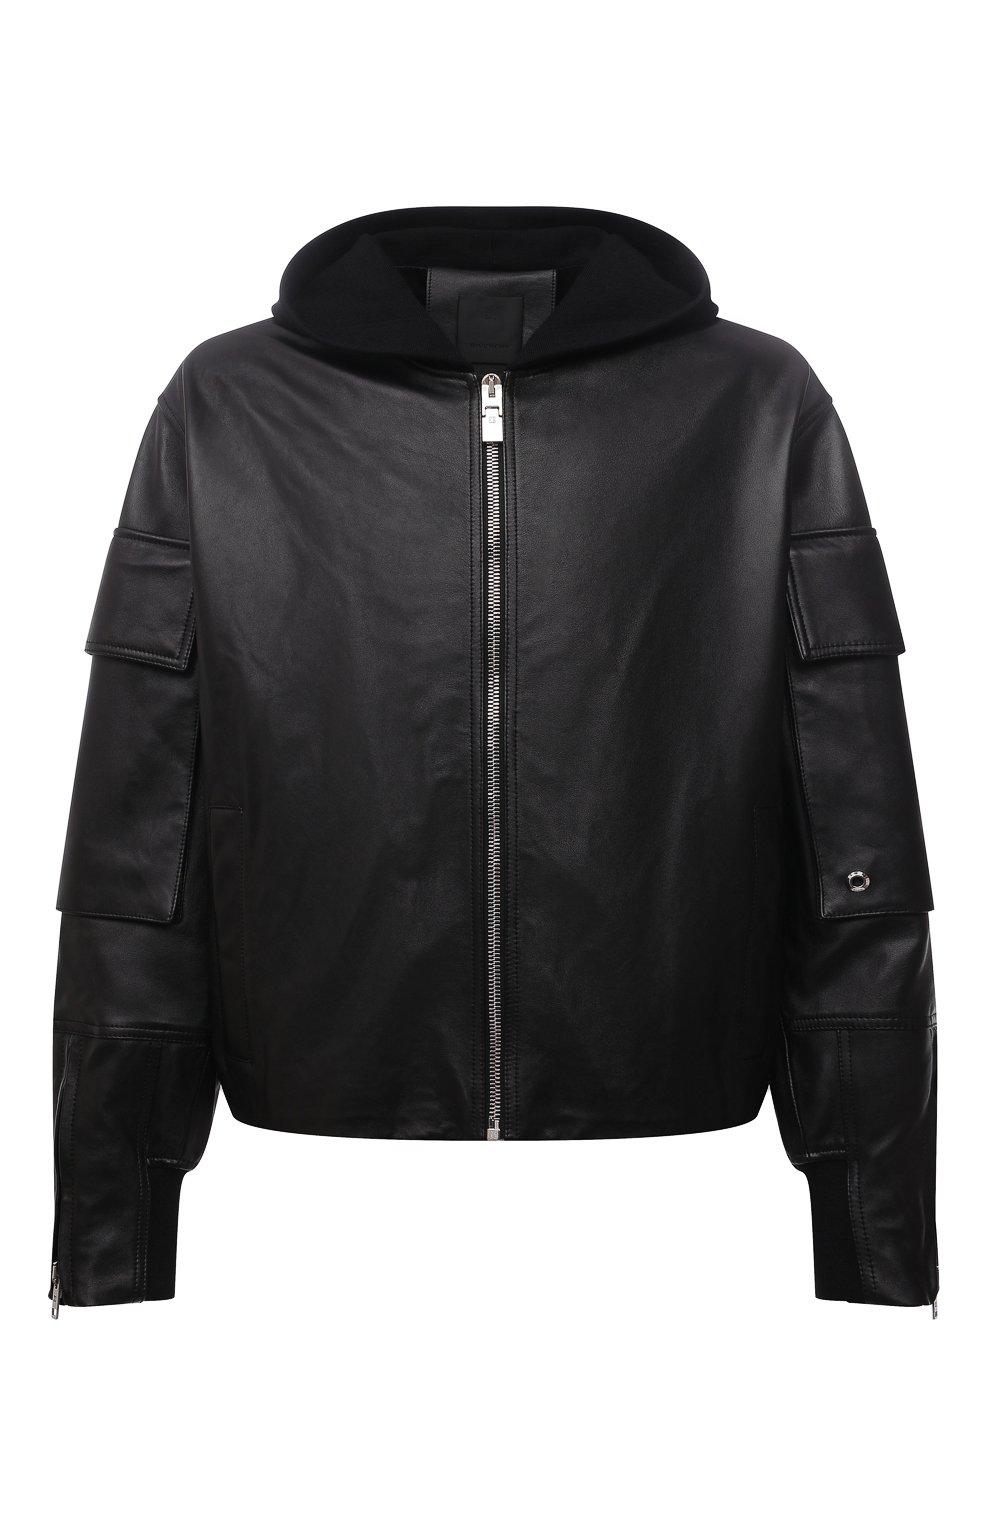 Мужская кожаная куртка GIVENCHY черного цвета, арт. BM00QP6003   Фото 1 (Кросс-КТ: Куртка; Рукава: Длинные; Стили: Панк; Мужское Кросс-КТ: Кожа и замша; Длина (верхняя одежда): Короткие; Материал подклада: Купро)